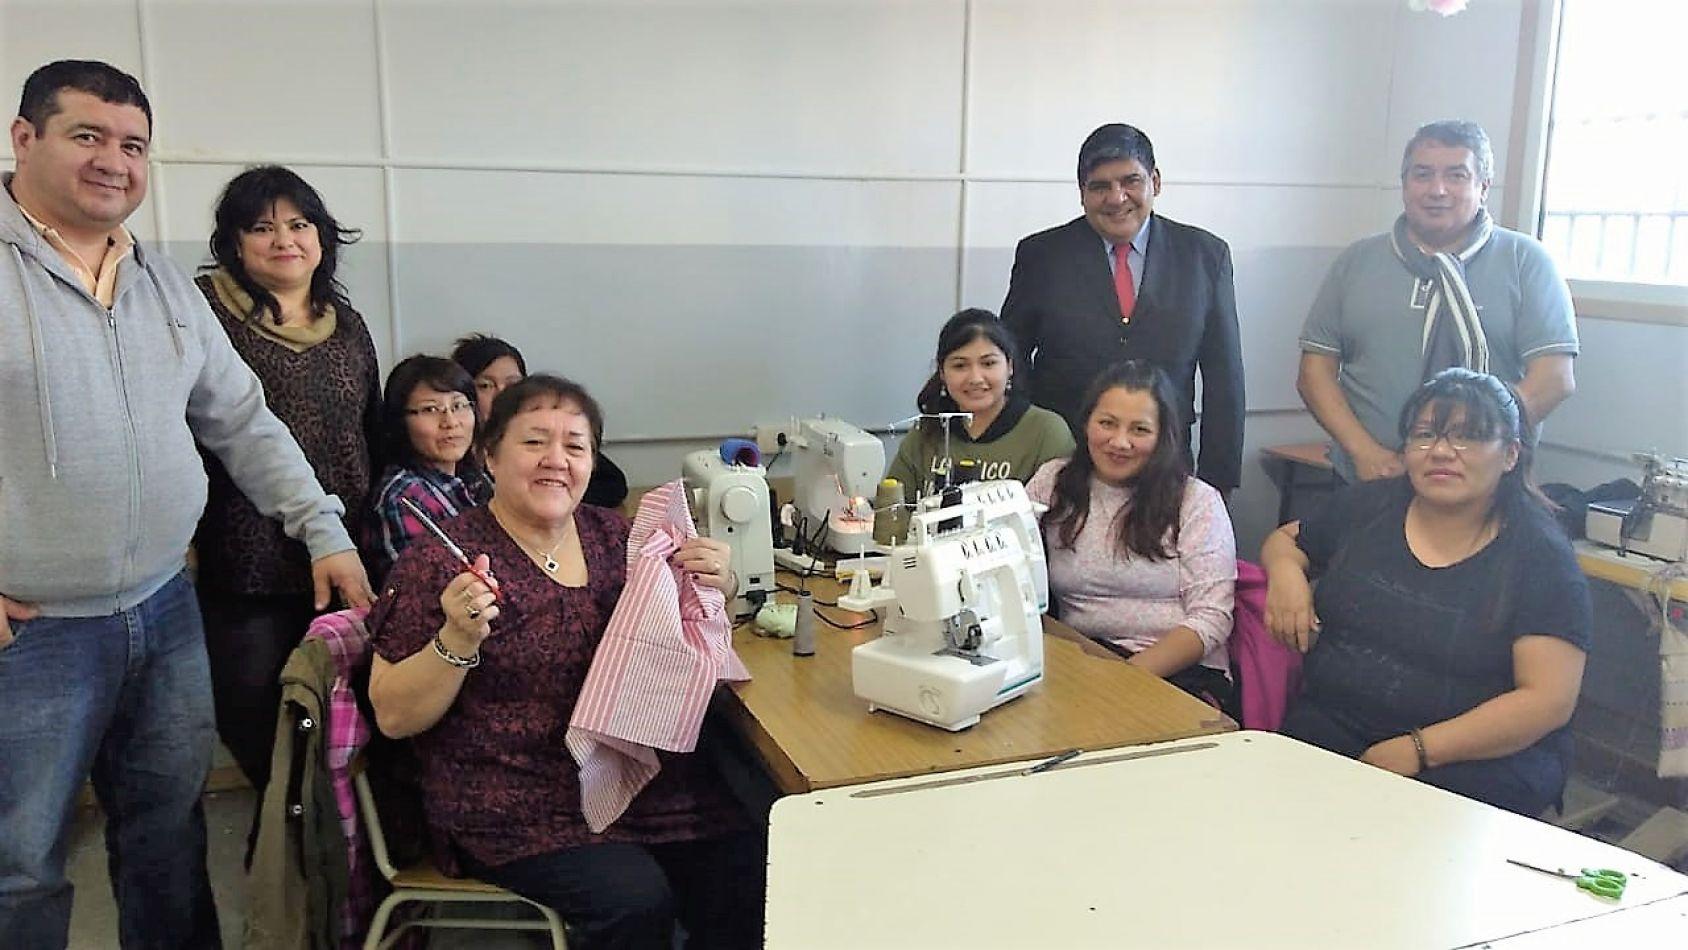 El titular del Parlamento, vicegobernador Juan Carlos Arcando se reunió con autoridades y alumnos del Centro de Formación Laboral Manuel Belgrano